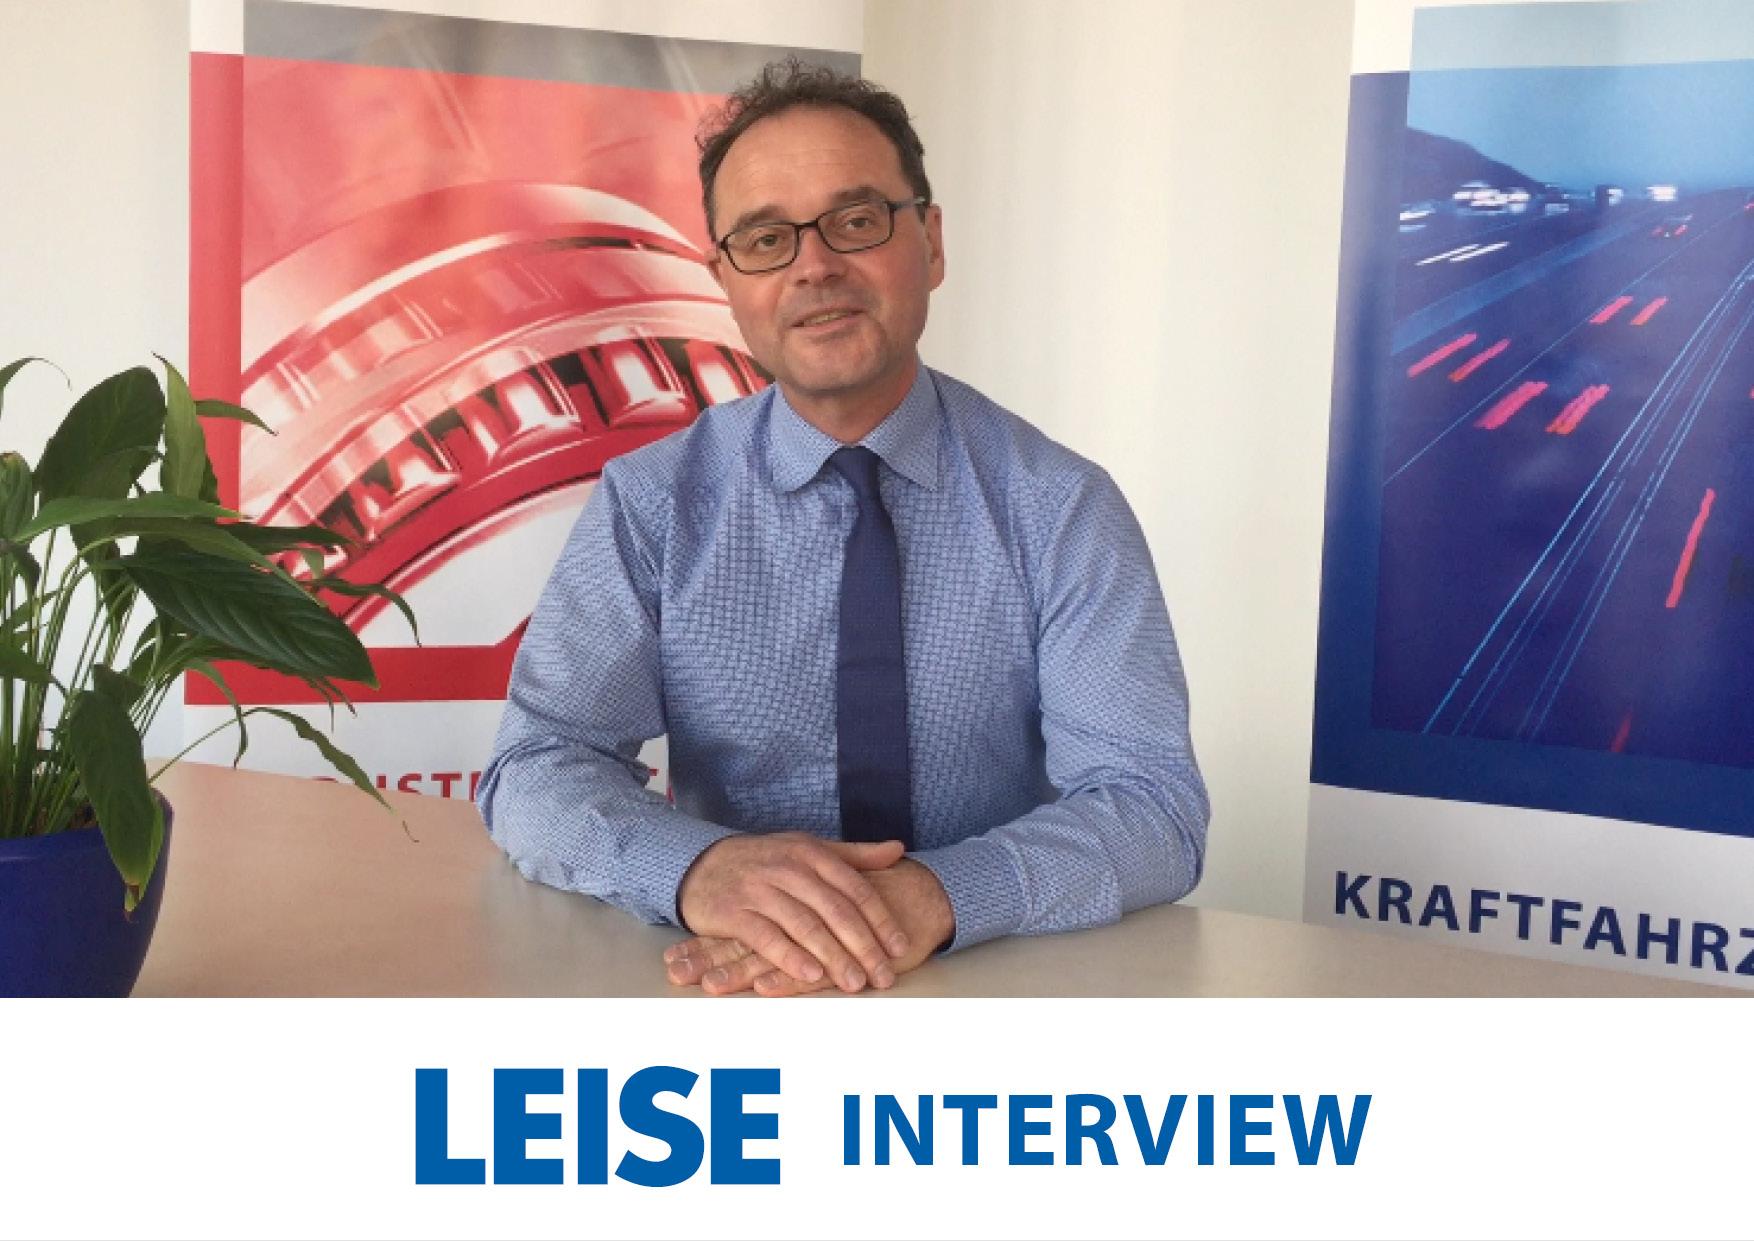 interview_srartbild